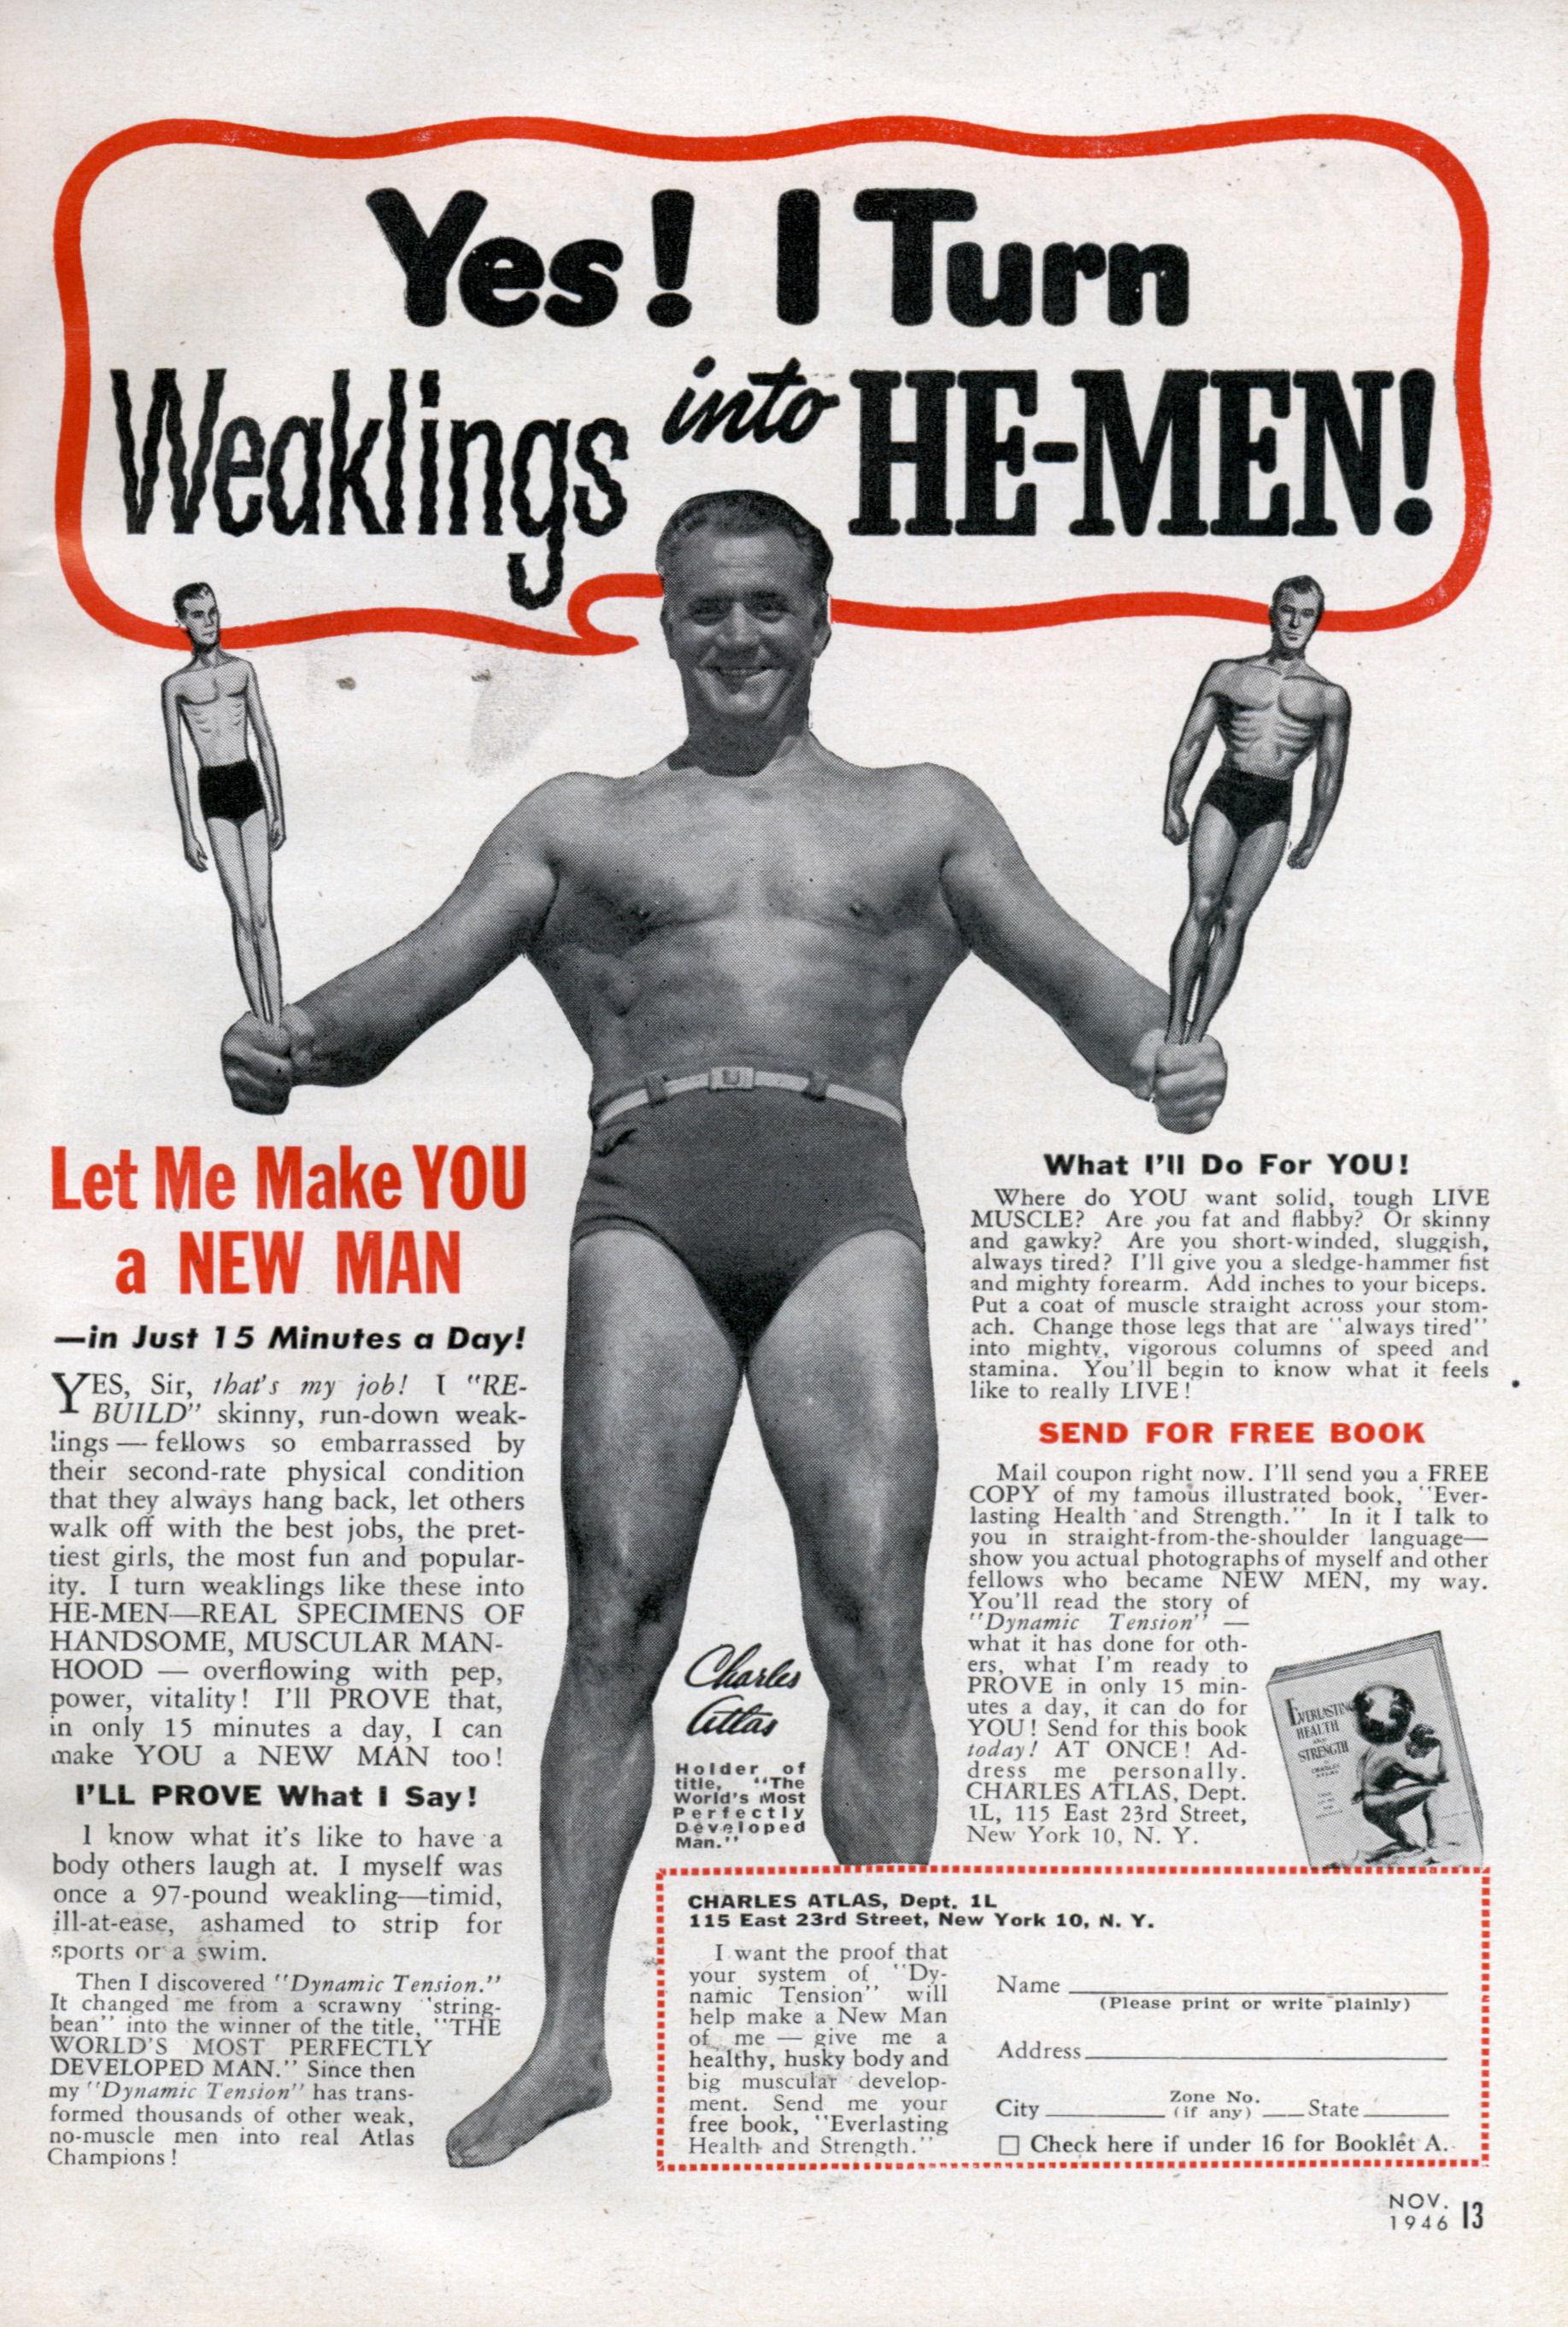 http://blog.modernmechanix.com/mags/PopularScience/11-1946/atlas_weaklings.jpg